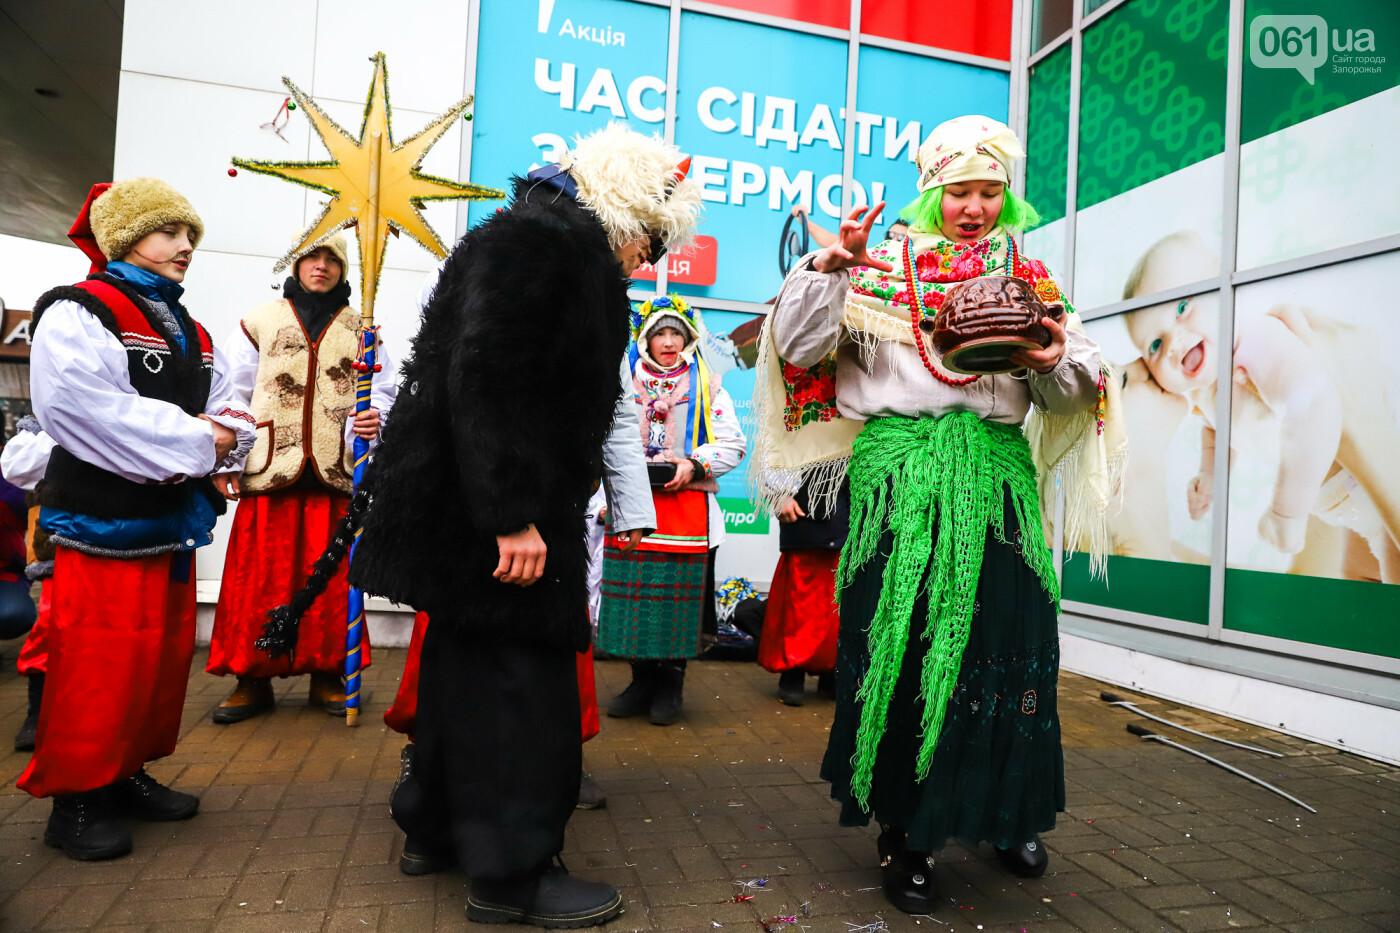 Нечистая сила против казаков: на улицах Запорожья показывали Рождественский вертеп, - ФОТО, ВИДЕО  , фото-17